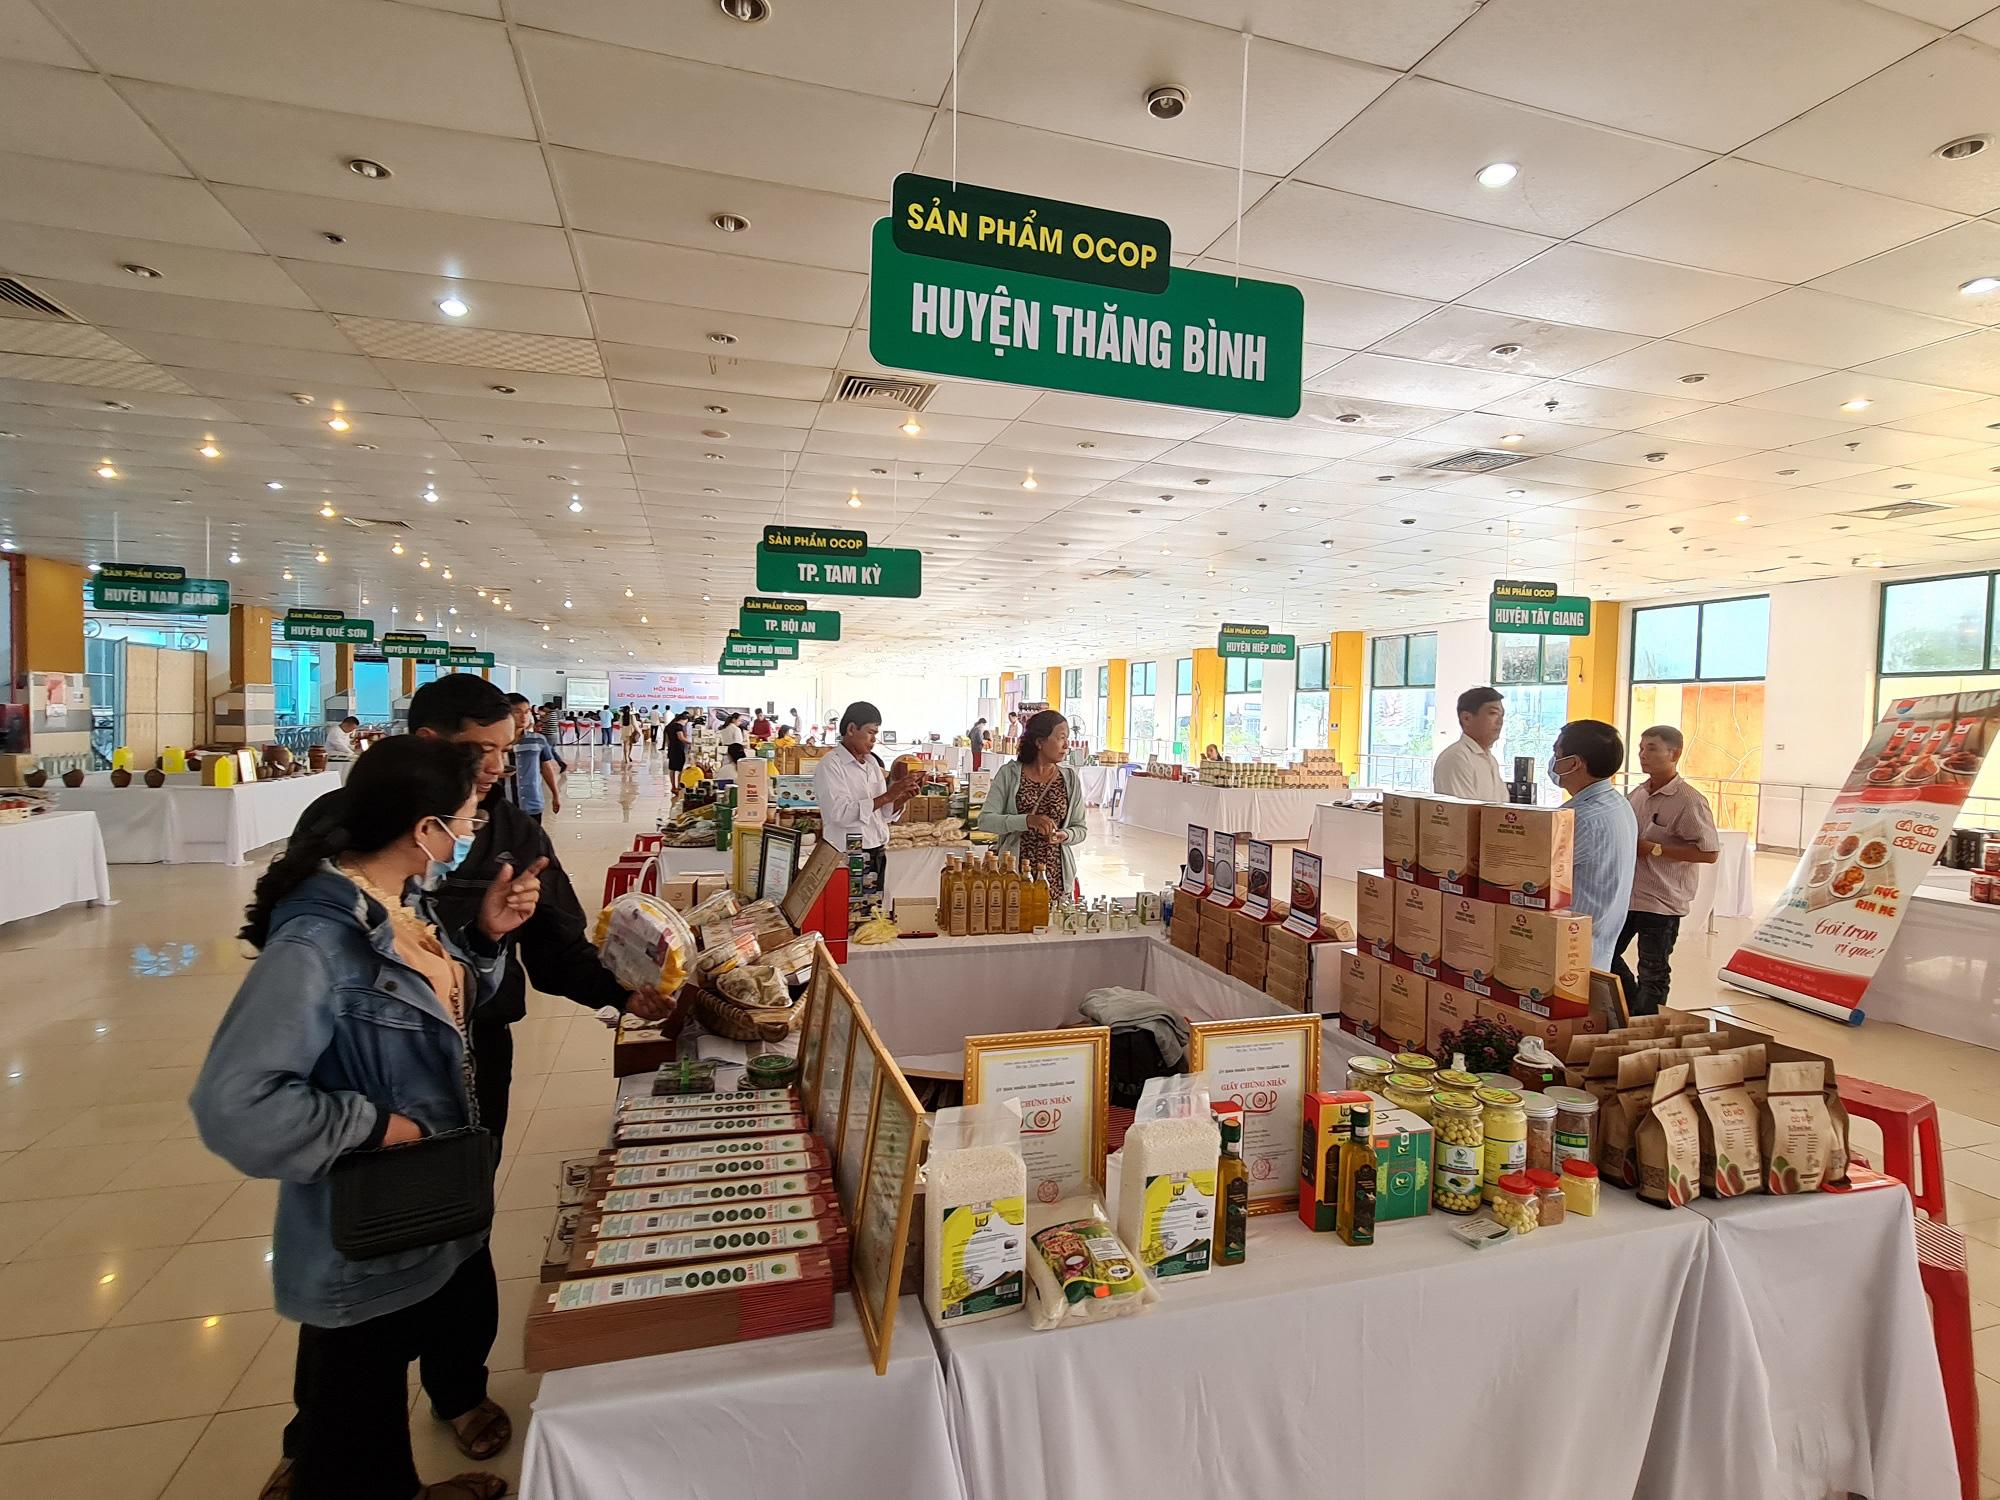 Hội chợ Xuân - OCOP Quảng Nam 2021 có 250 gian hàng - Ảnh 2.